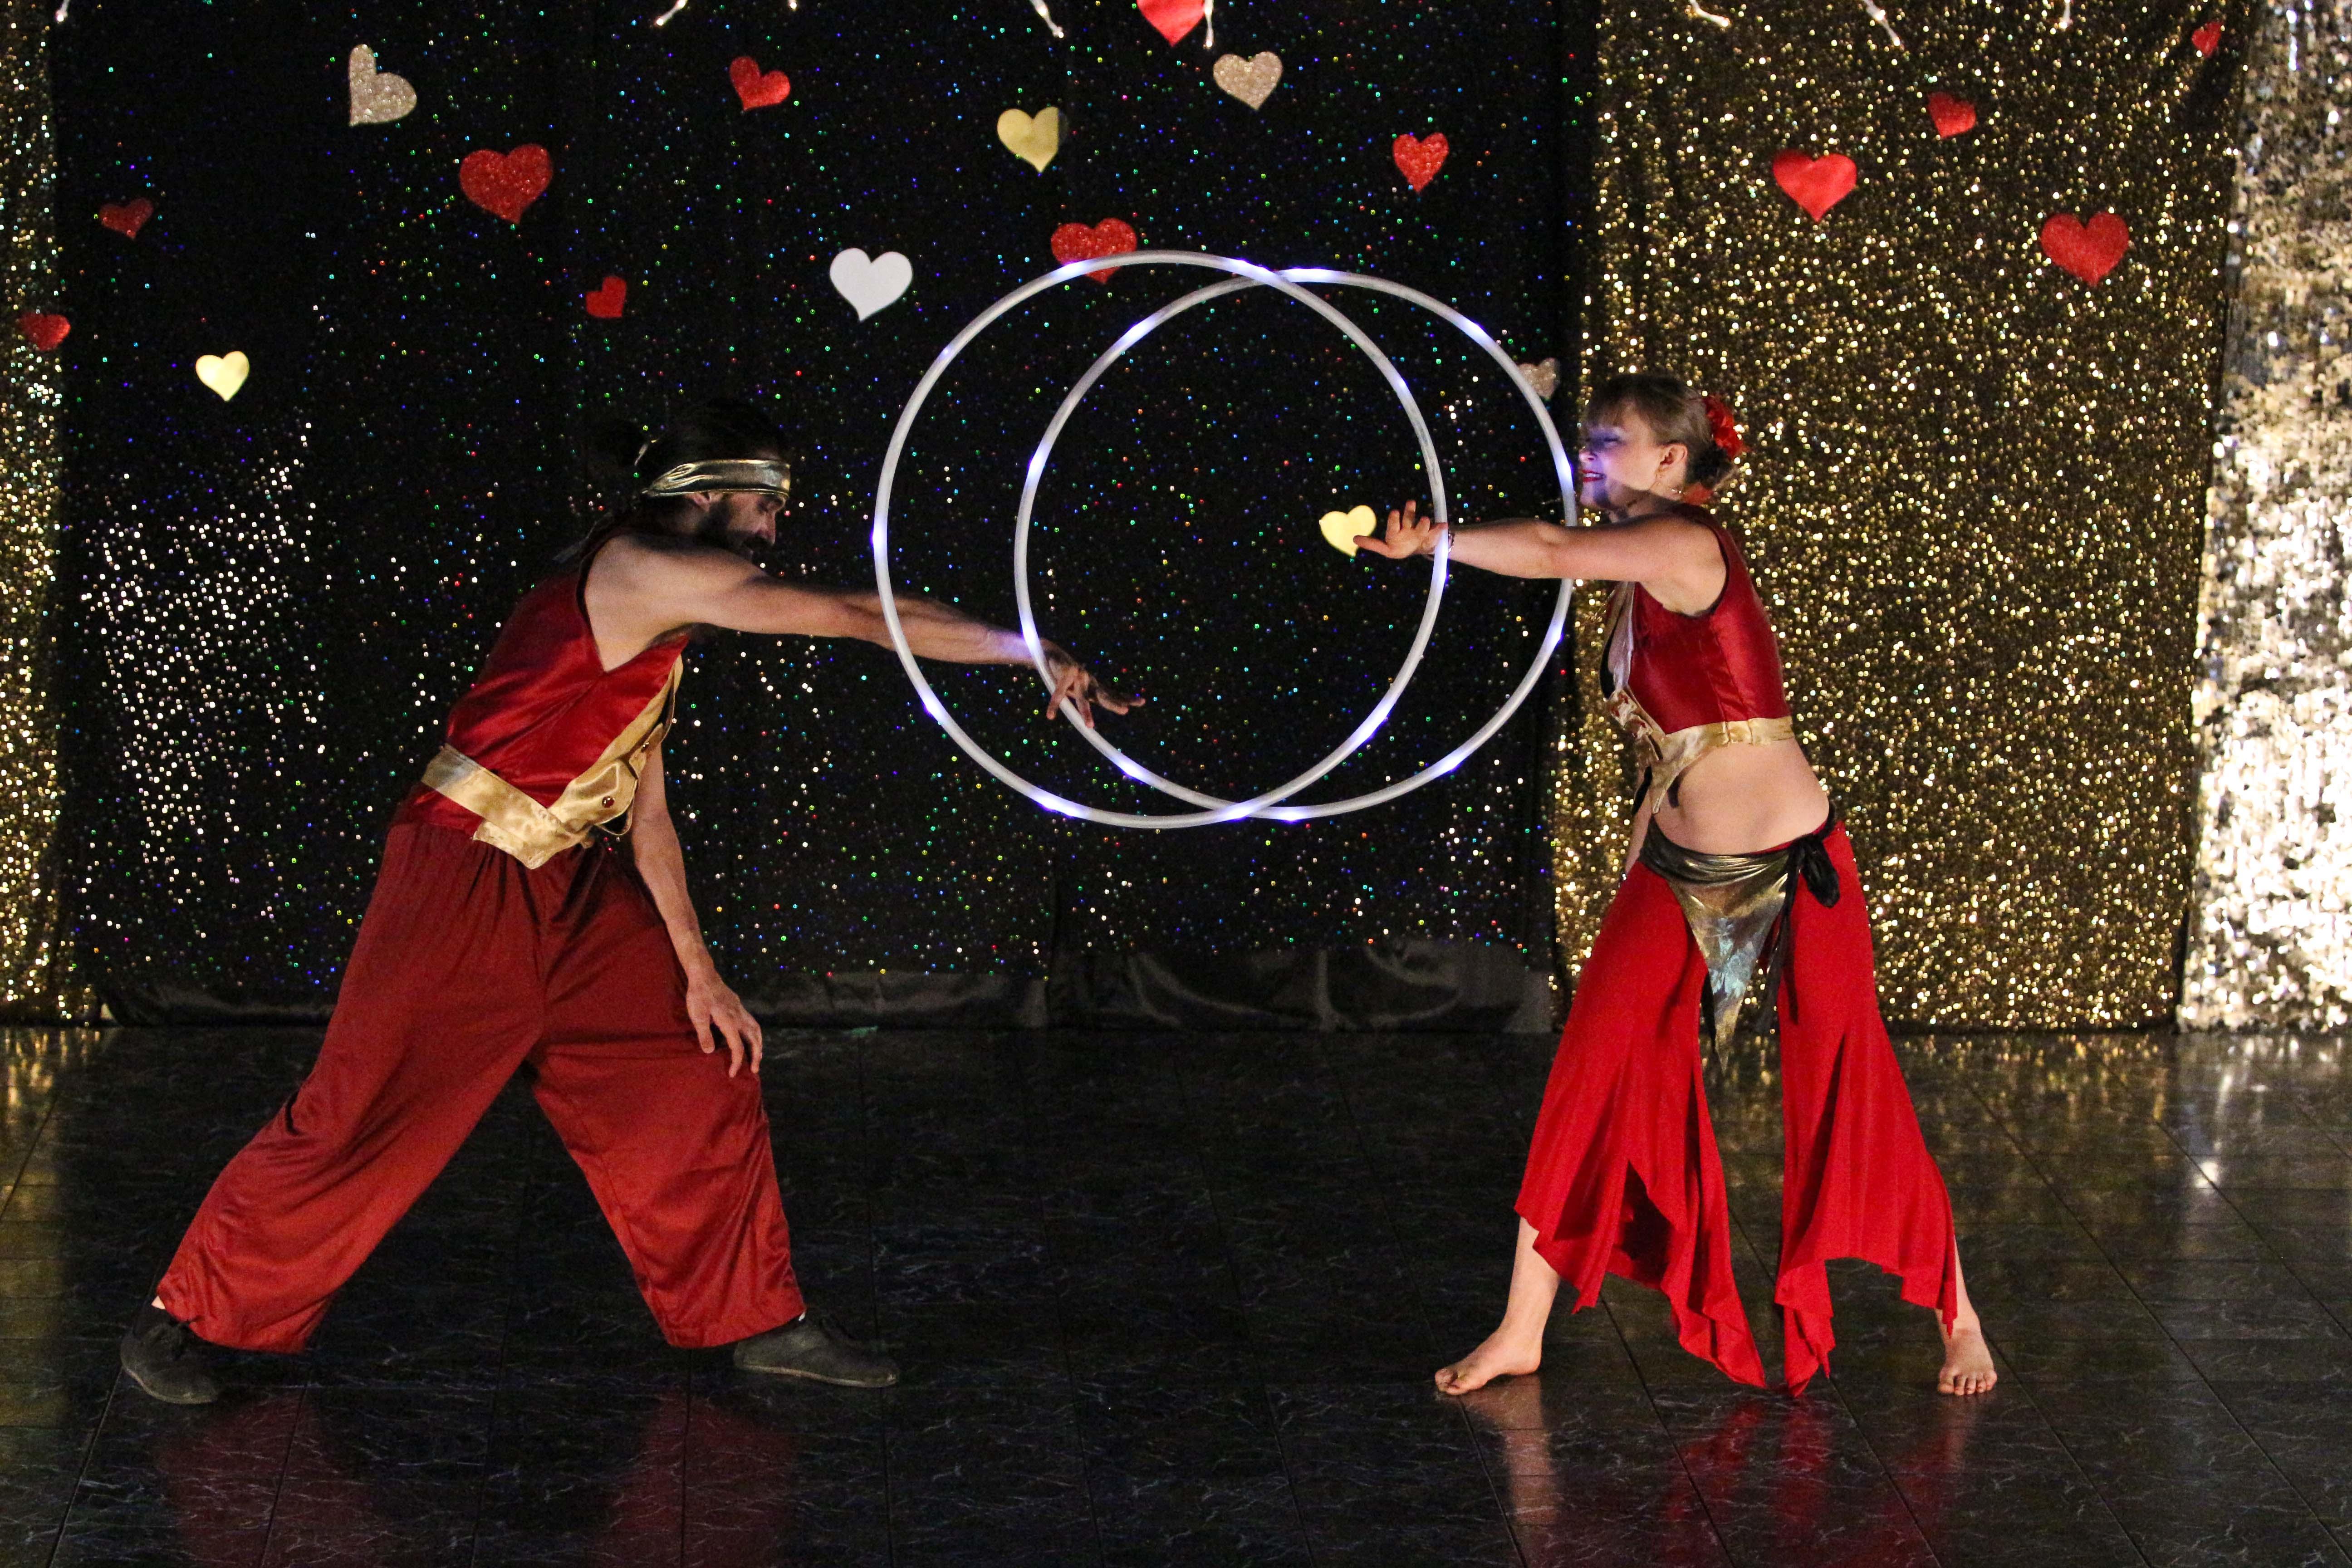 Les Trois Femmes Gala 2014